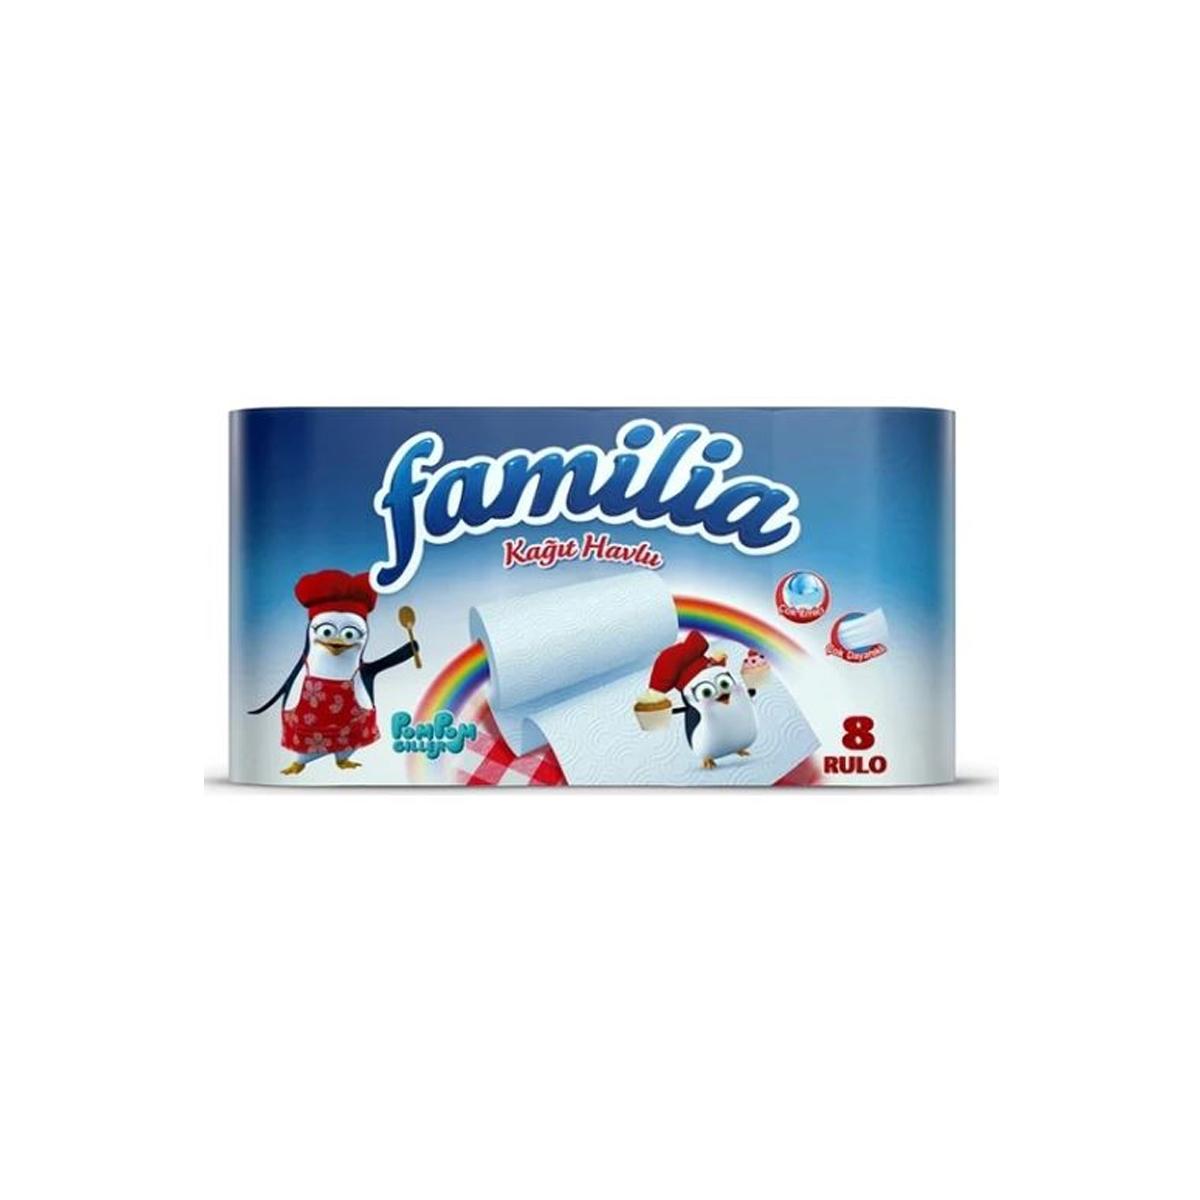 Familia Rulo Havlu 8'li 2 Katlı 3'lü Koli resmi